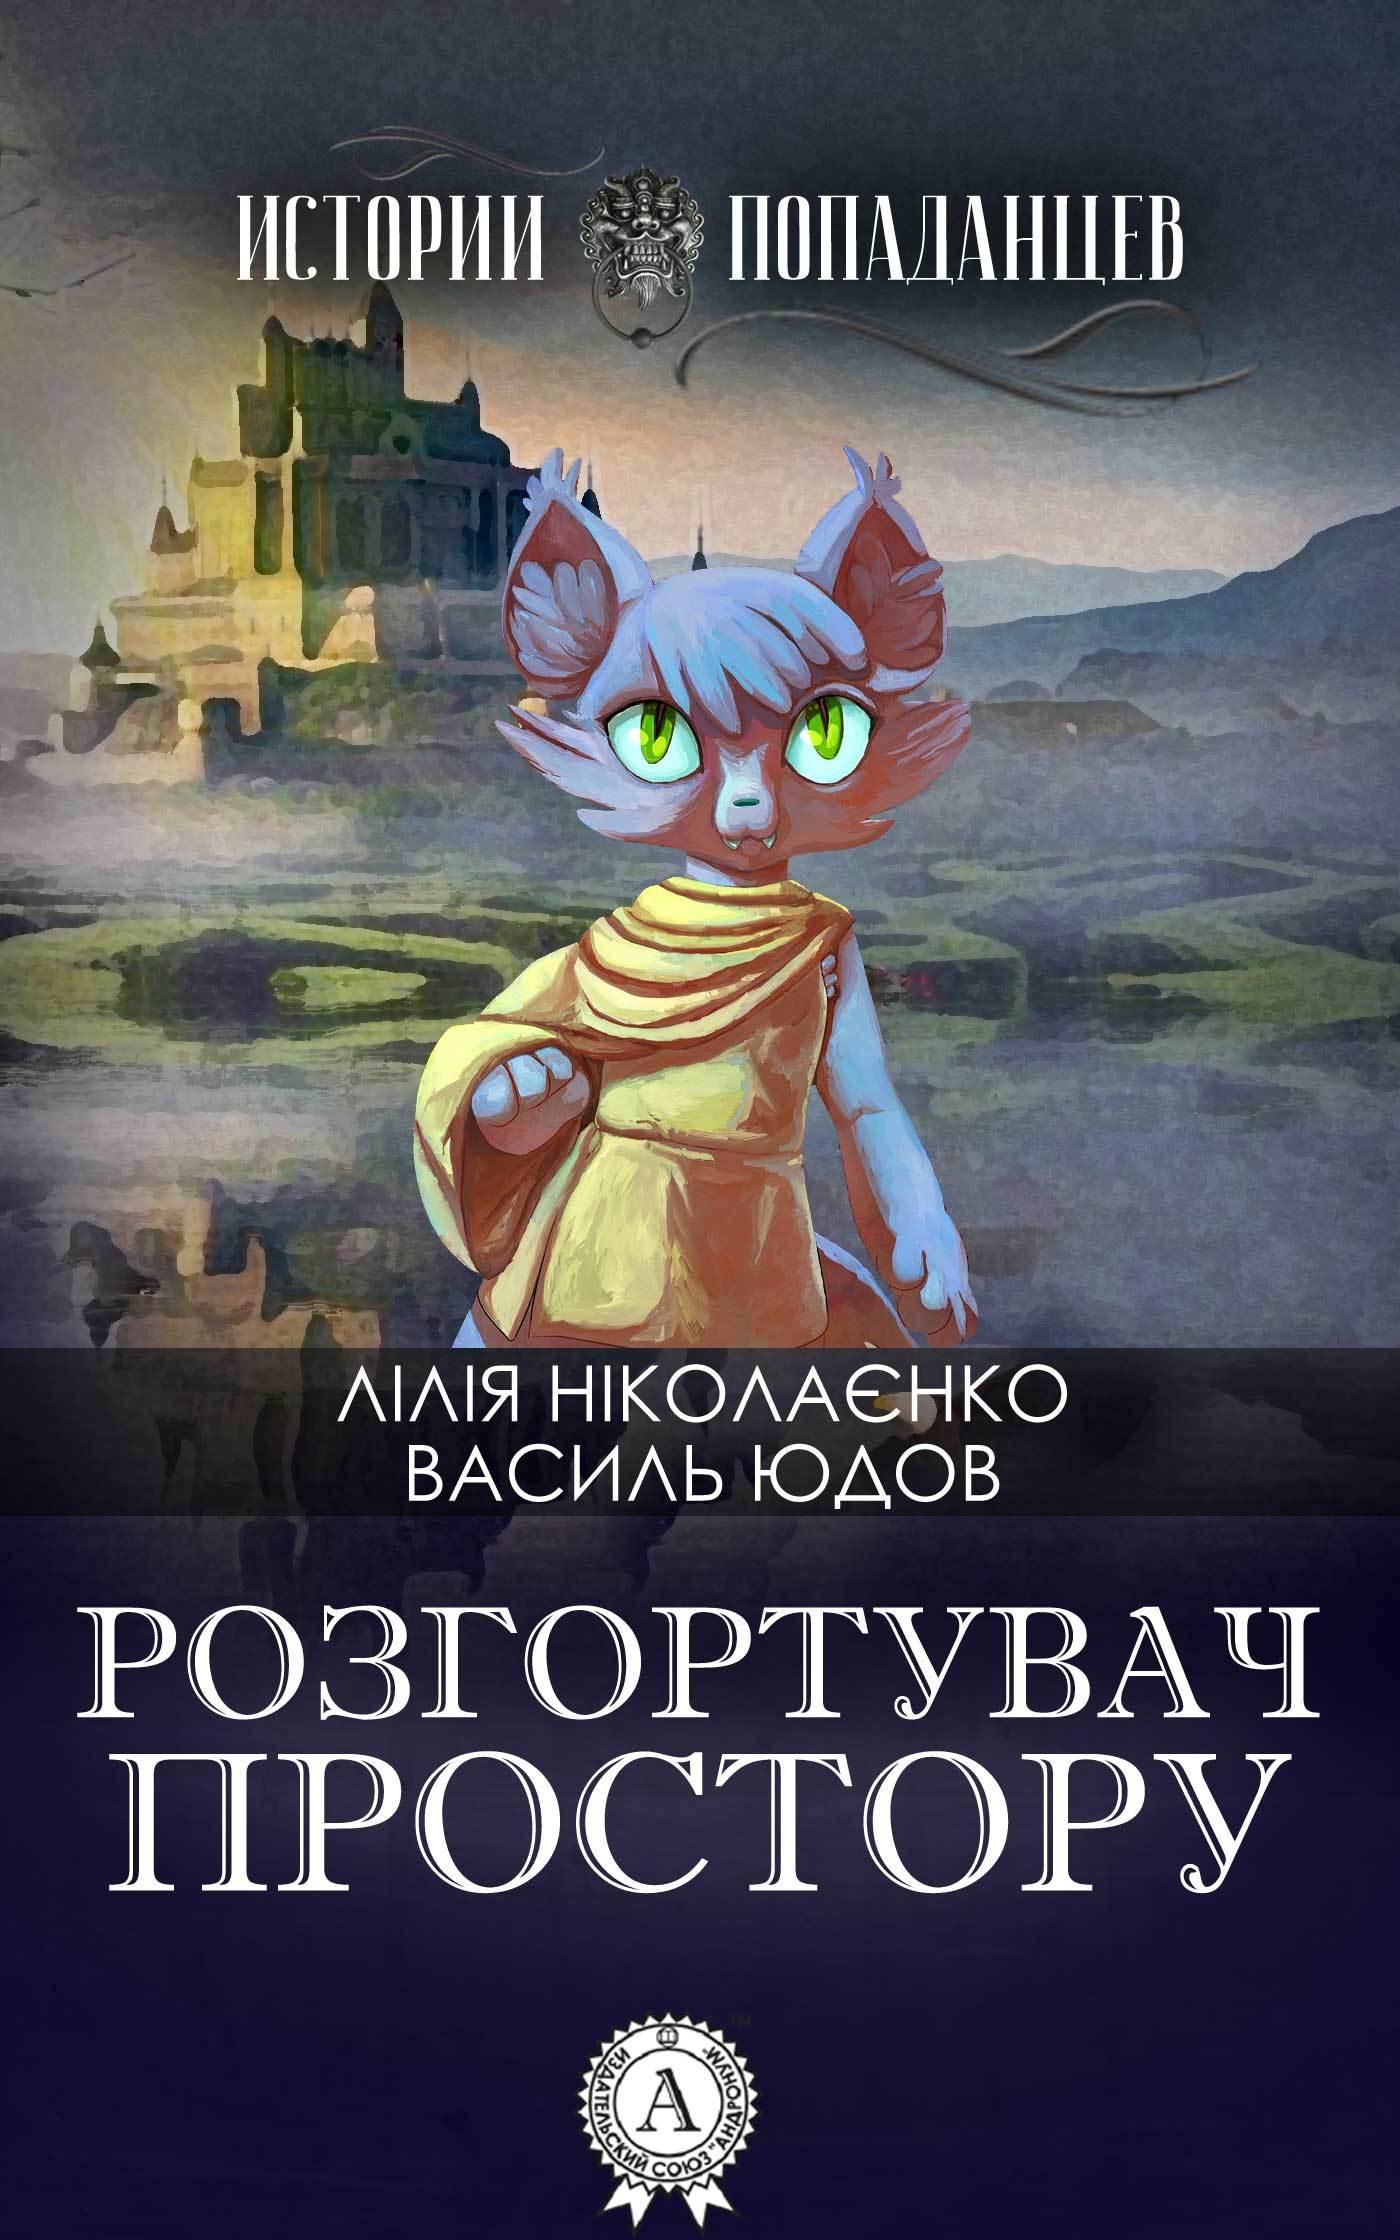 интригующее повествование в книге Василь Юдов